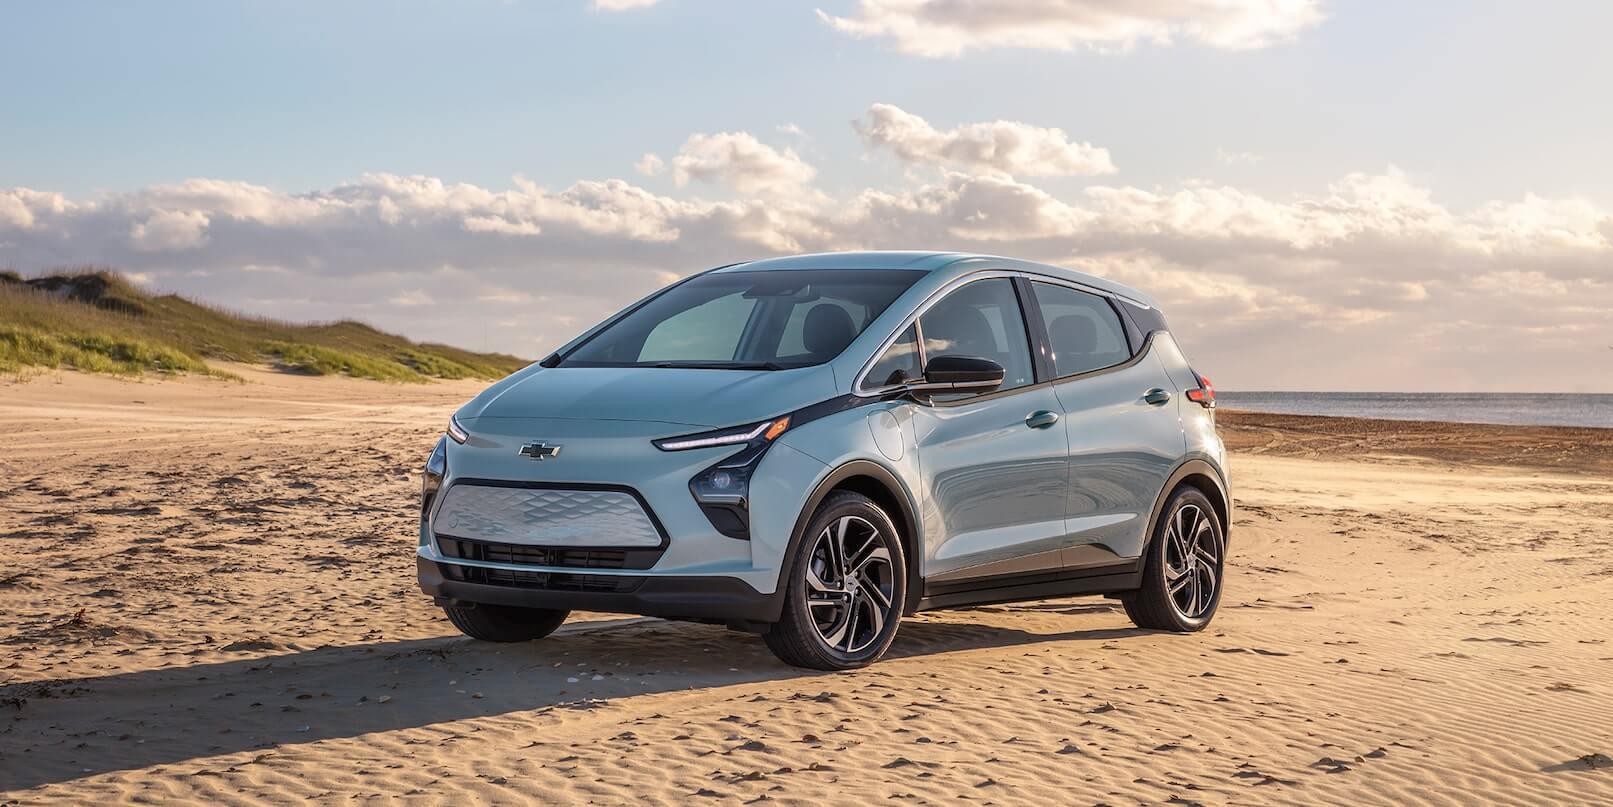 2022 Chevrolet Bolt EV parked in the desert